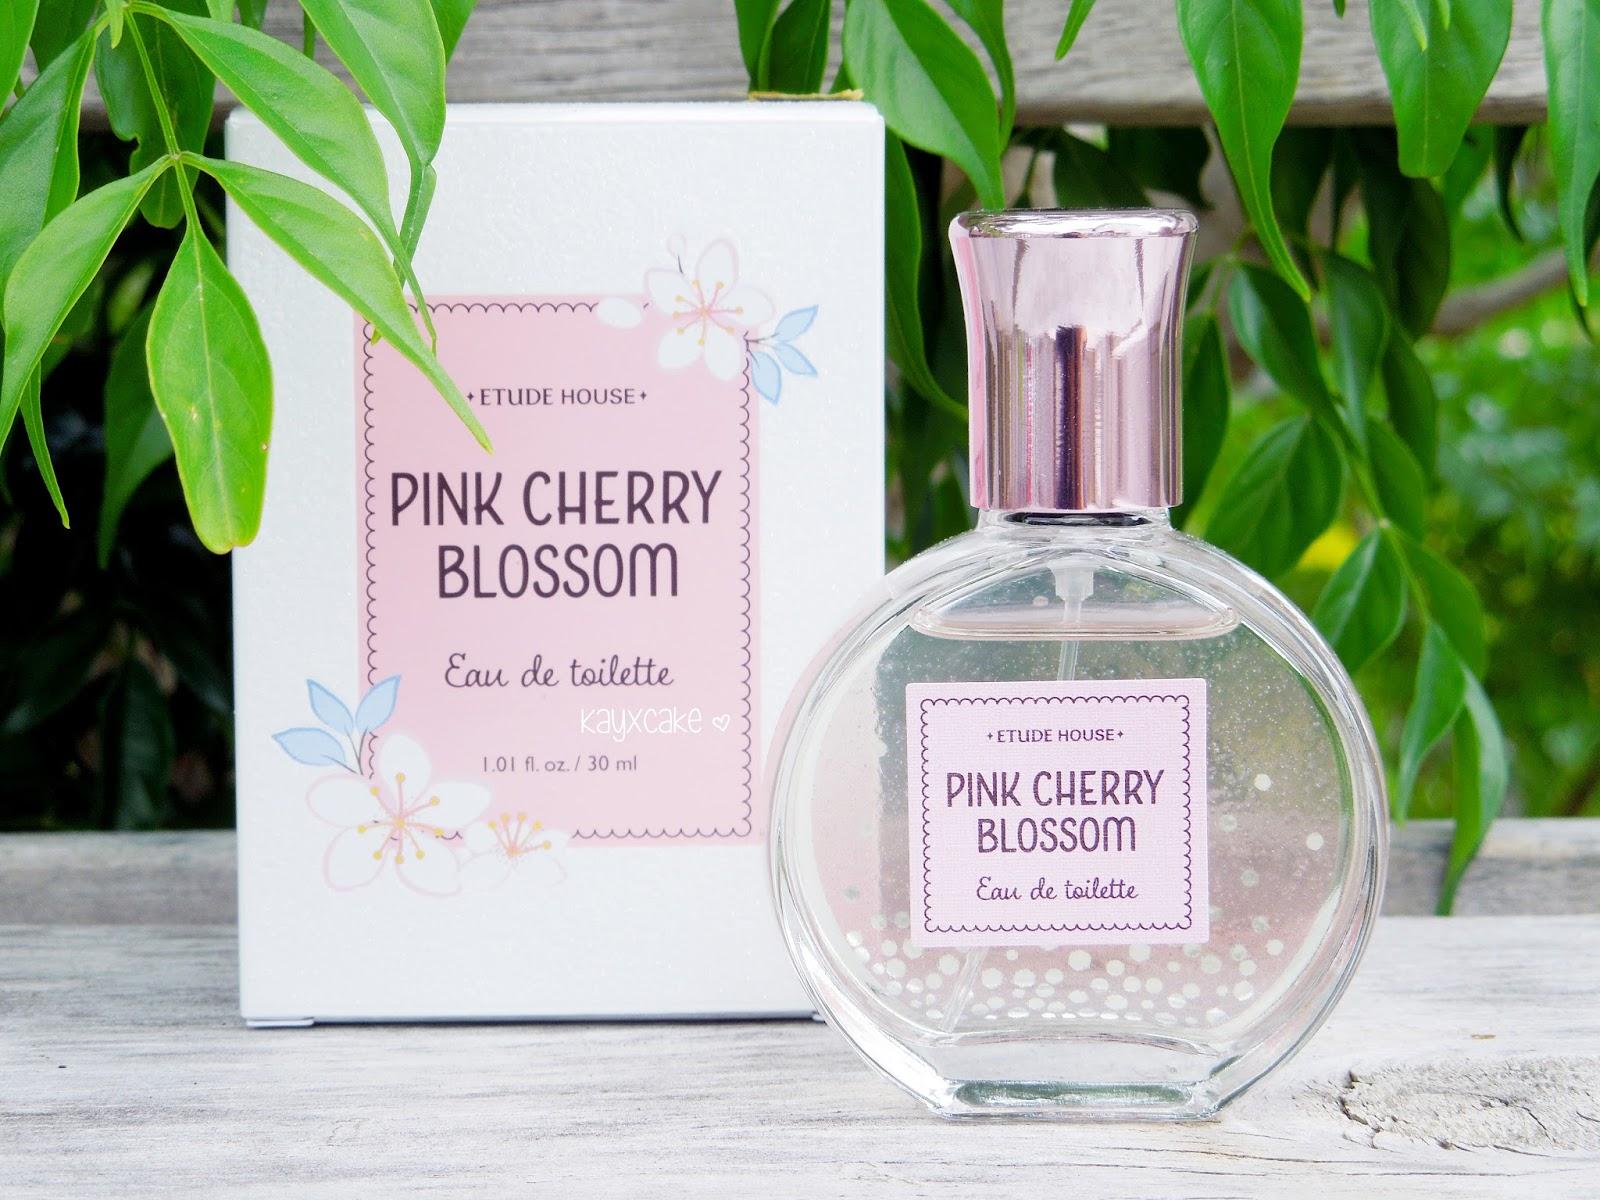 Etude House Pink Cherry Blossom Eau De Toilette